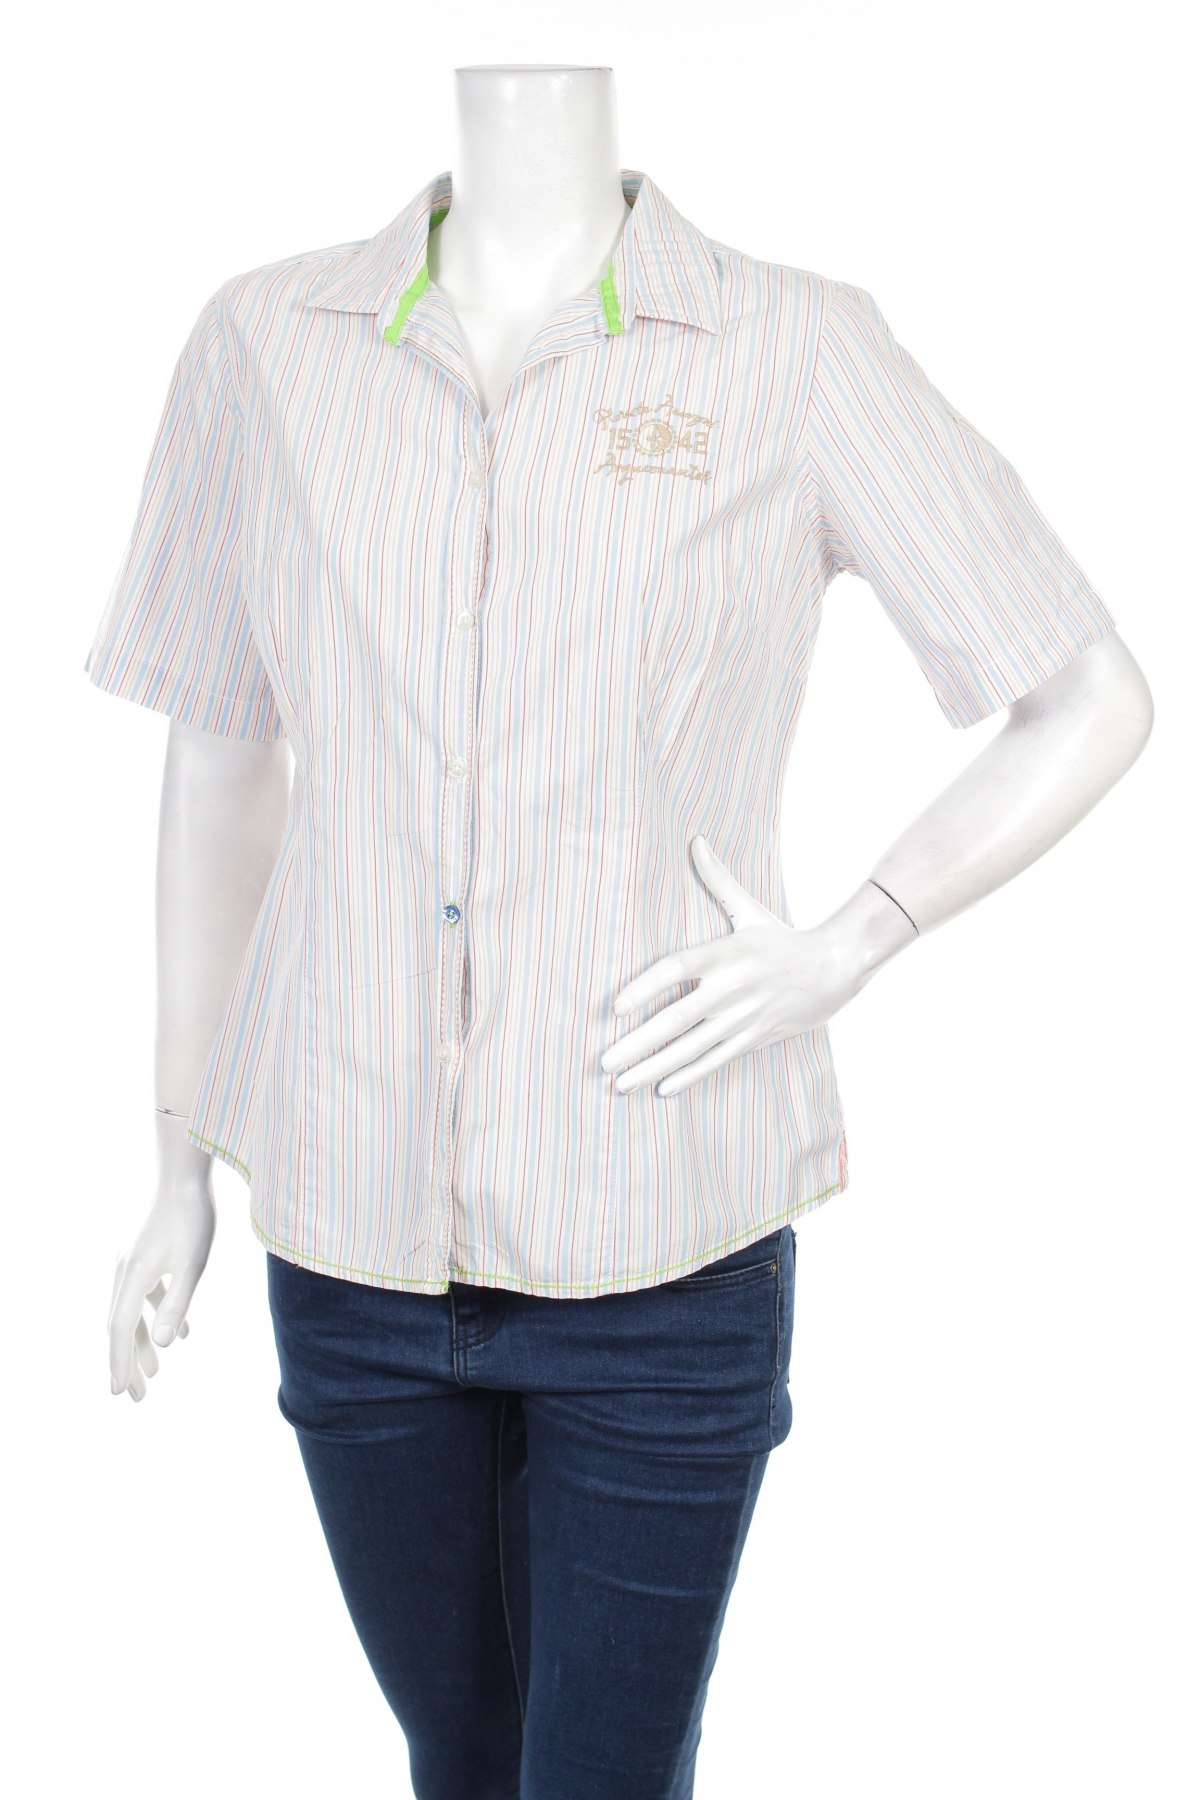 Γυναικείο πουκάμισο Arqueonautas, Μέγεθος XL, Χρώμα Πολύχρωμο, 100% βαμβάκι, Τιμή 17,01€